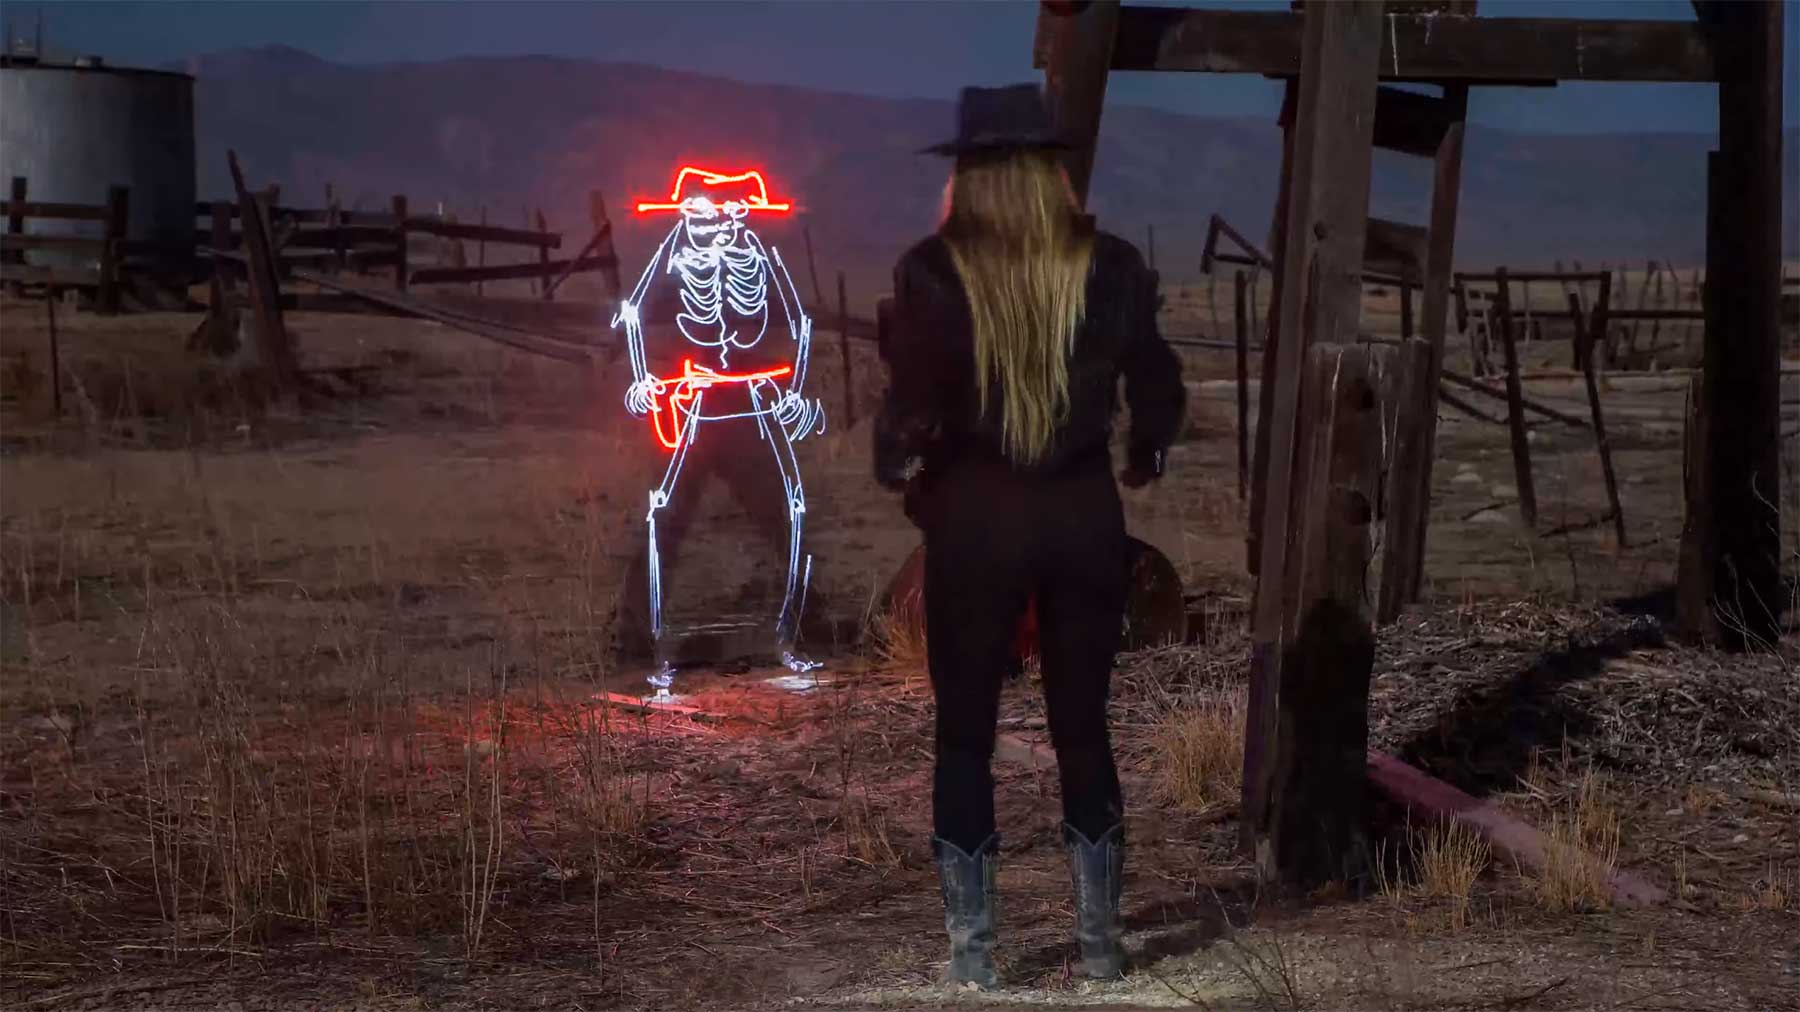 Im Duell mit einem Licht-Cowboy Light-Duel